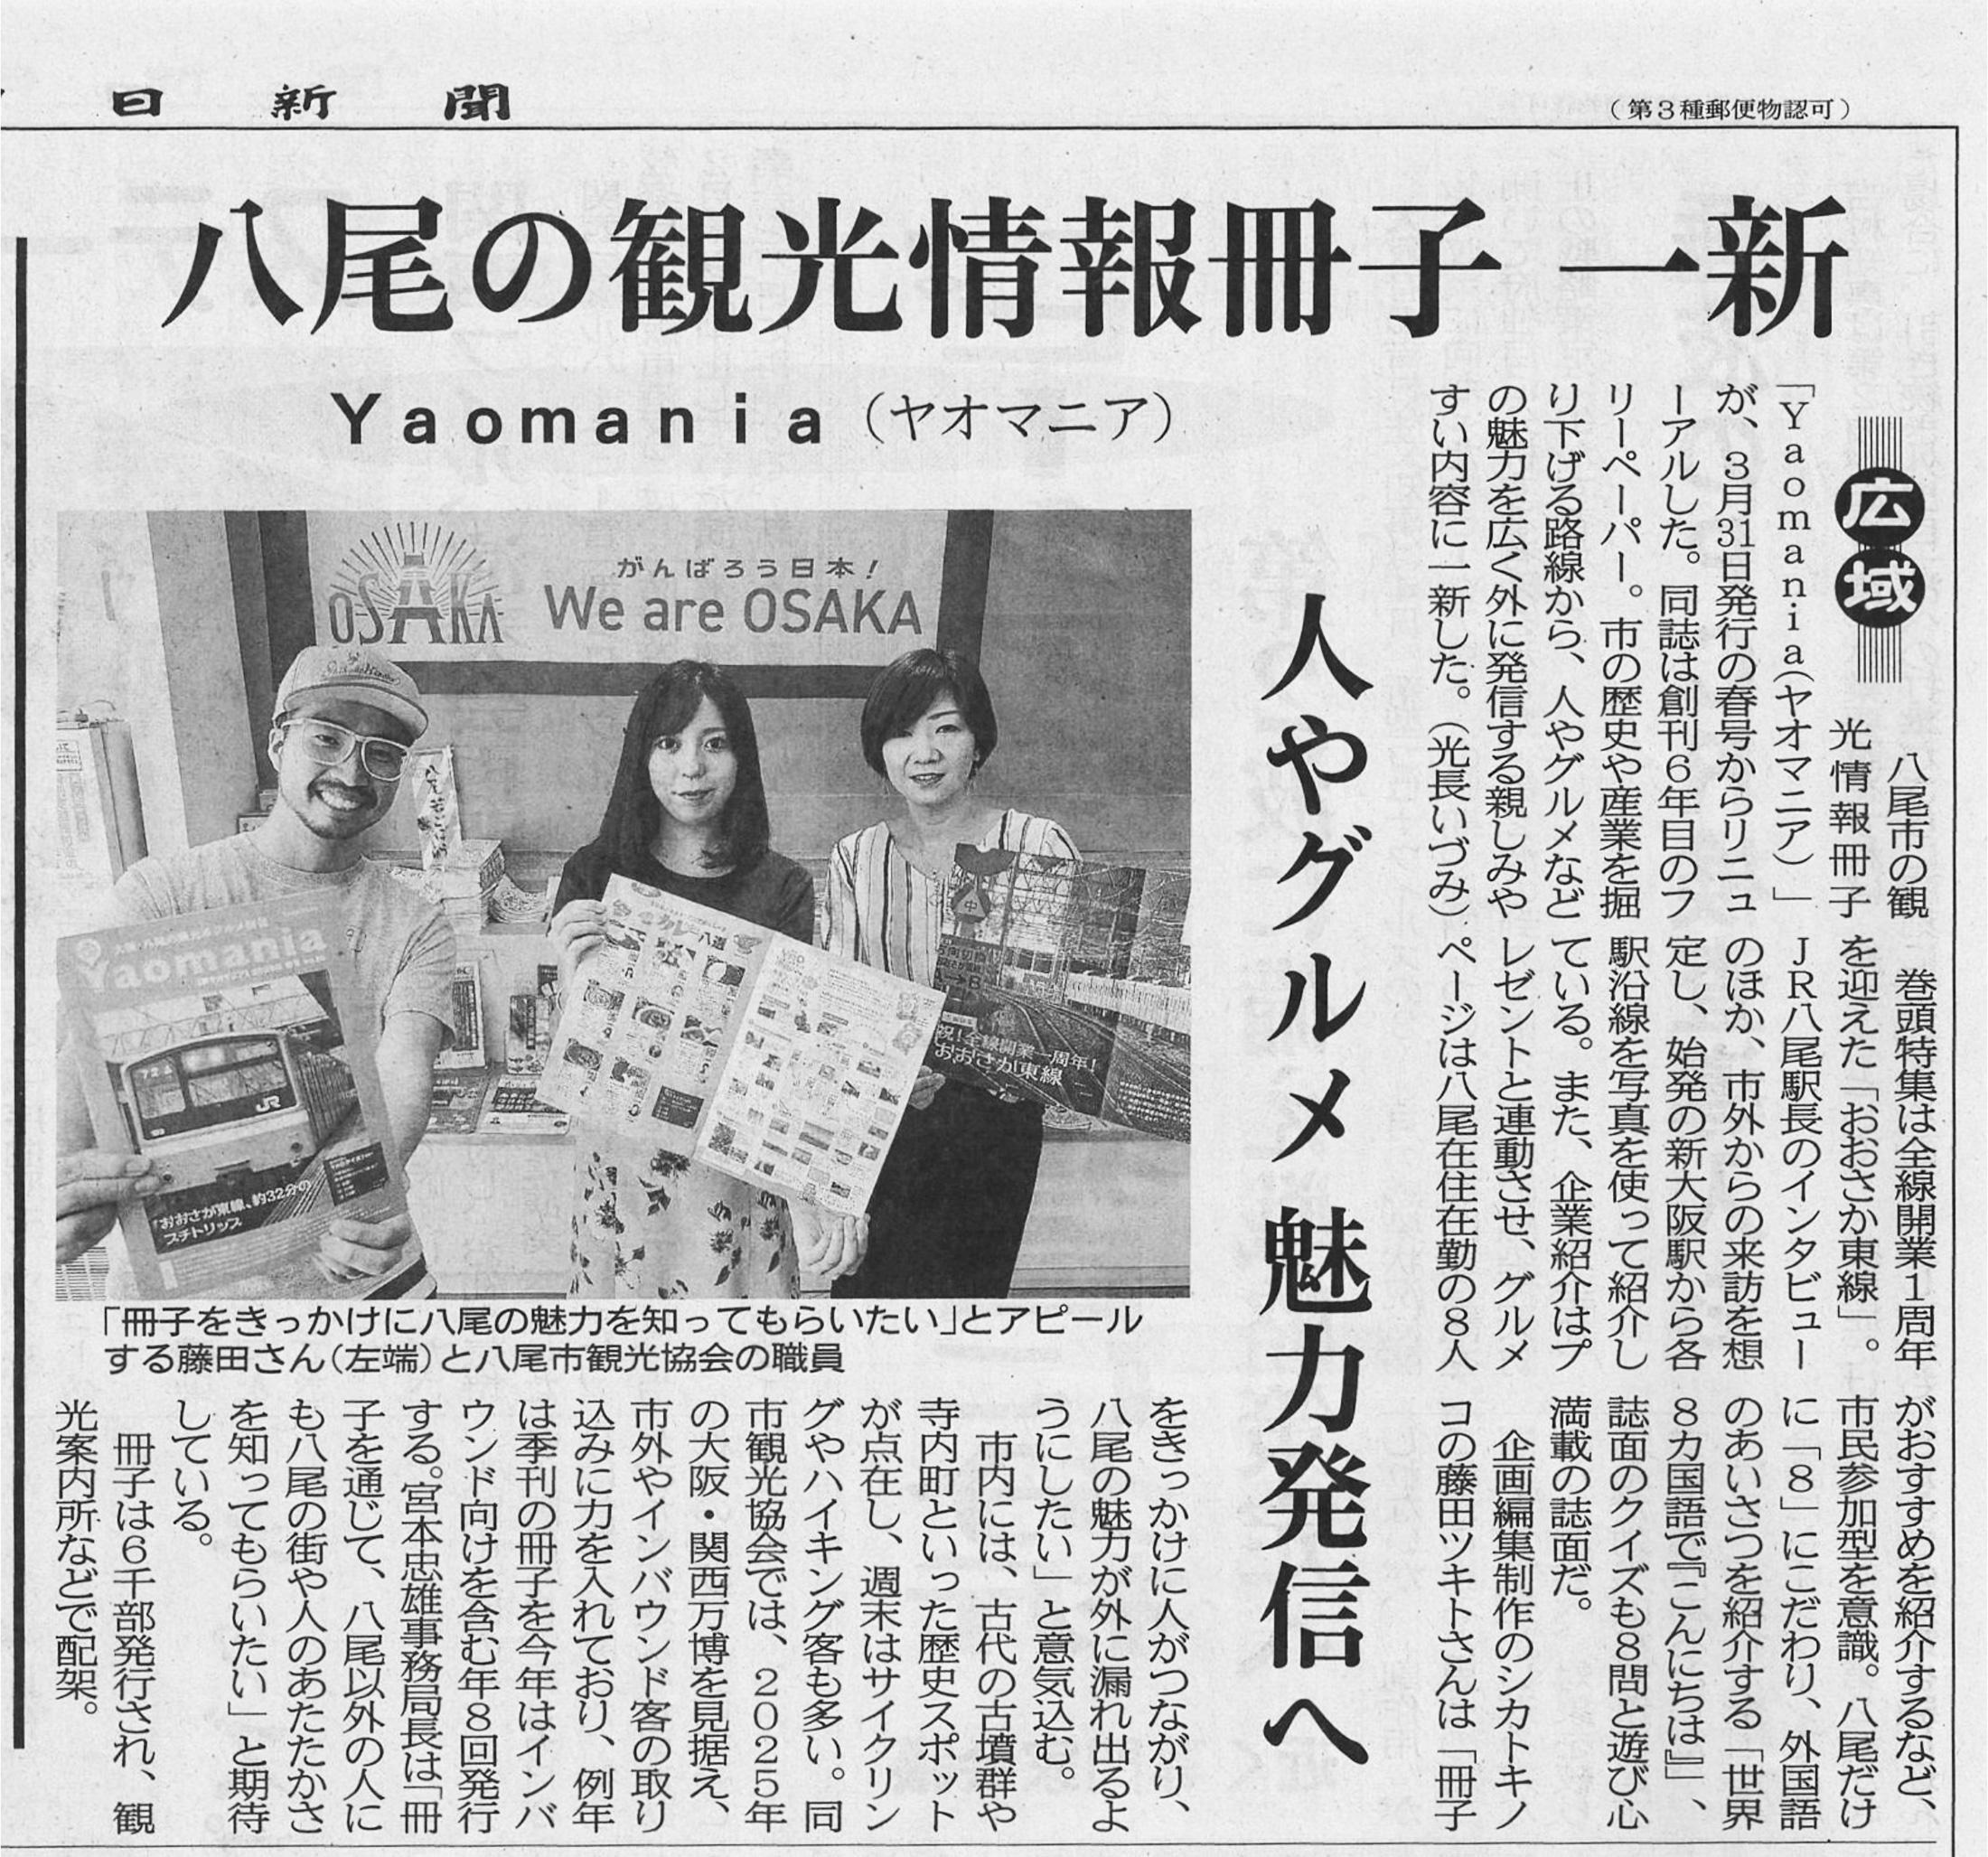 新Yaomania(シン・ヤオマニア)春号|2020.3.31 おおさか東線特集(大阪府八尾市)大阪日日新聞